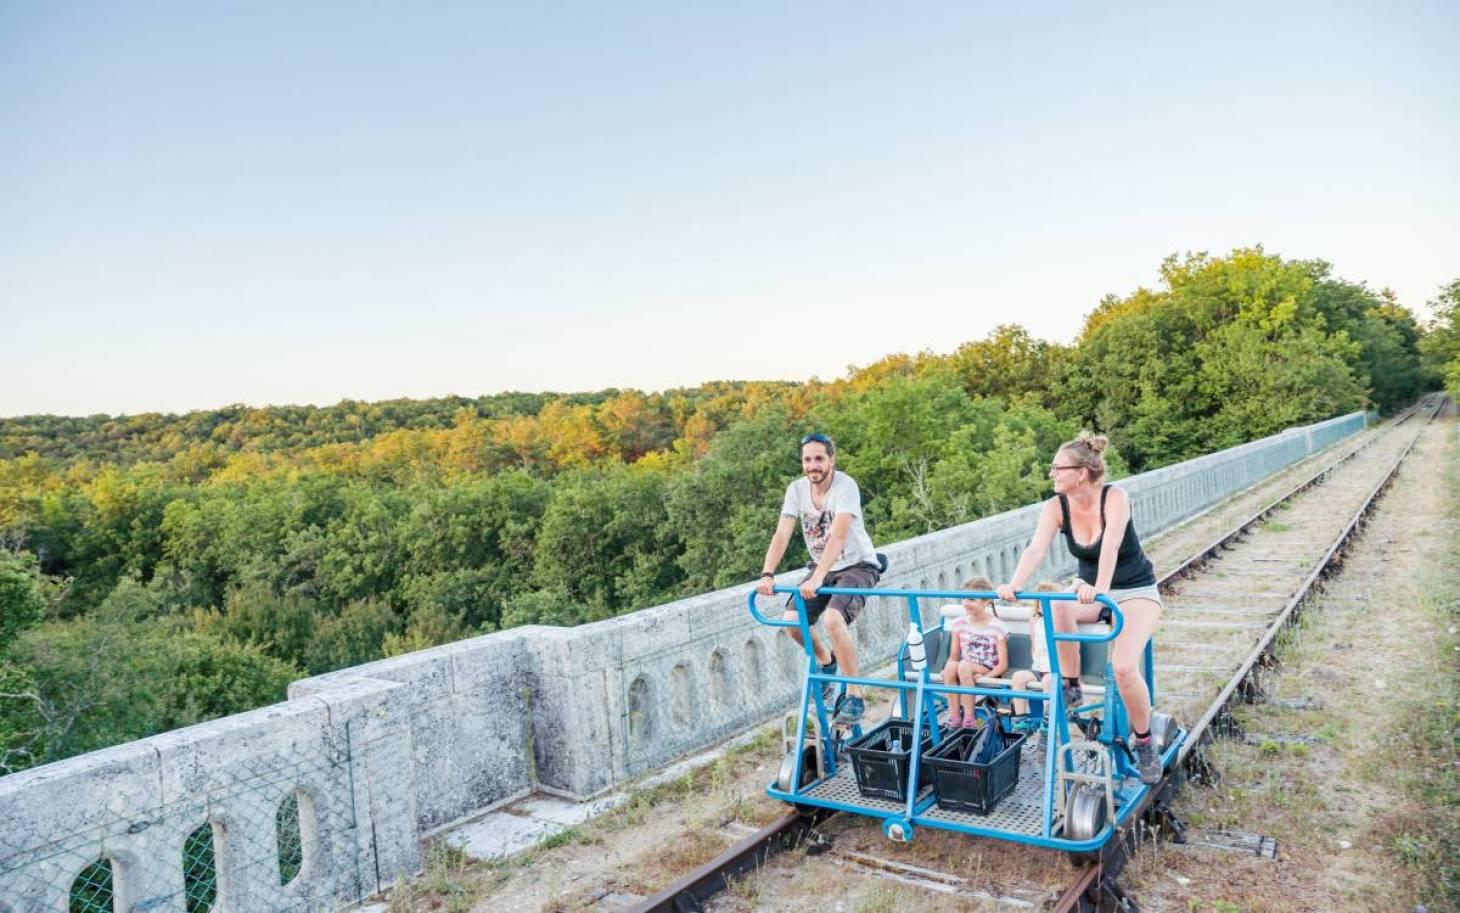 Les cyclo-draisines sur les rails